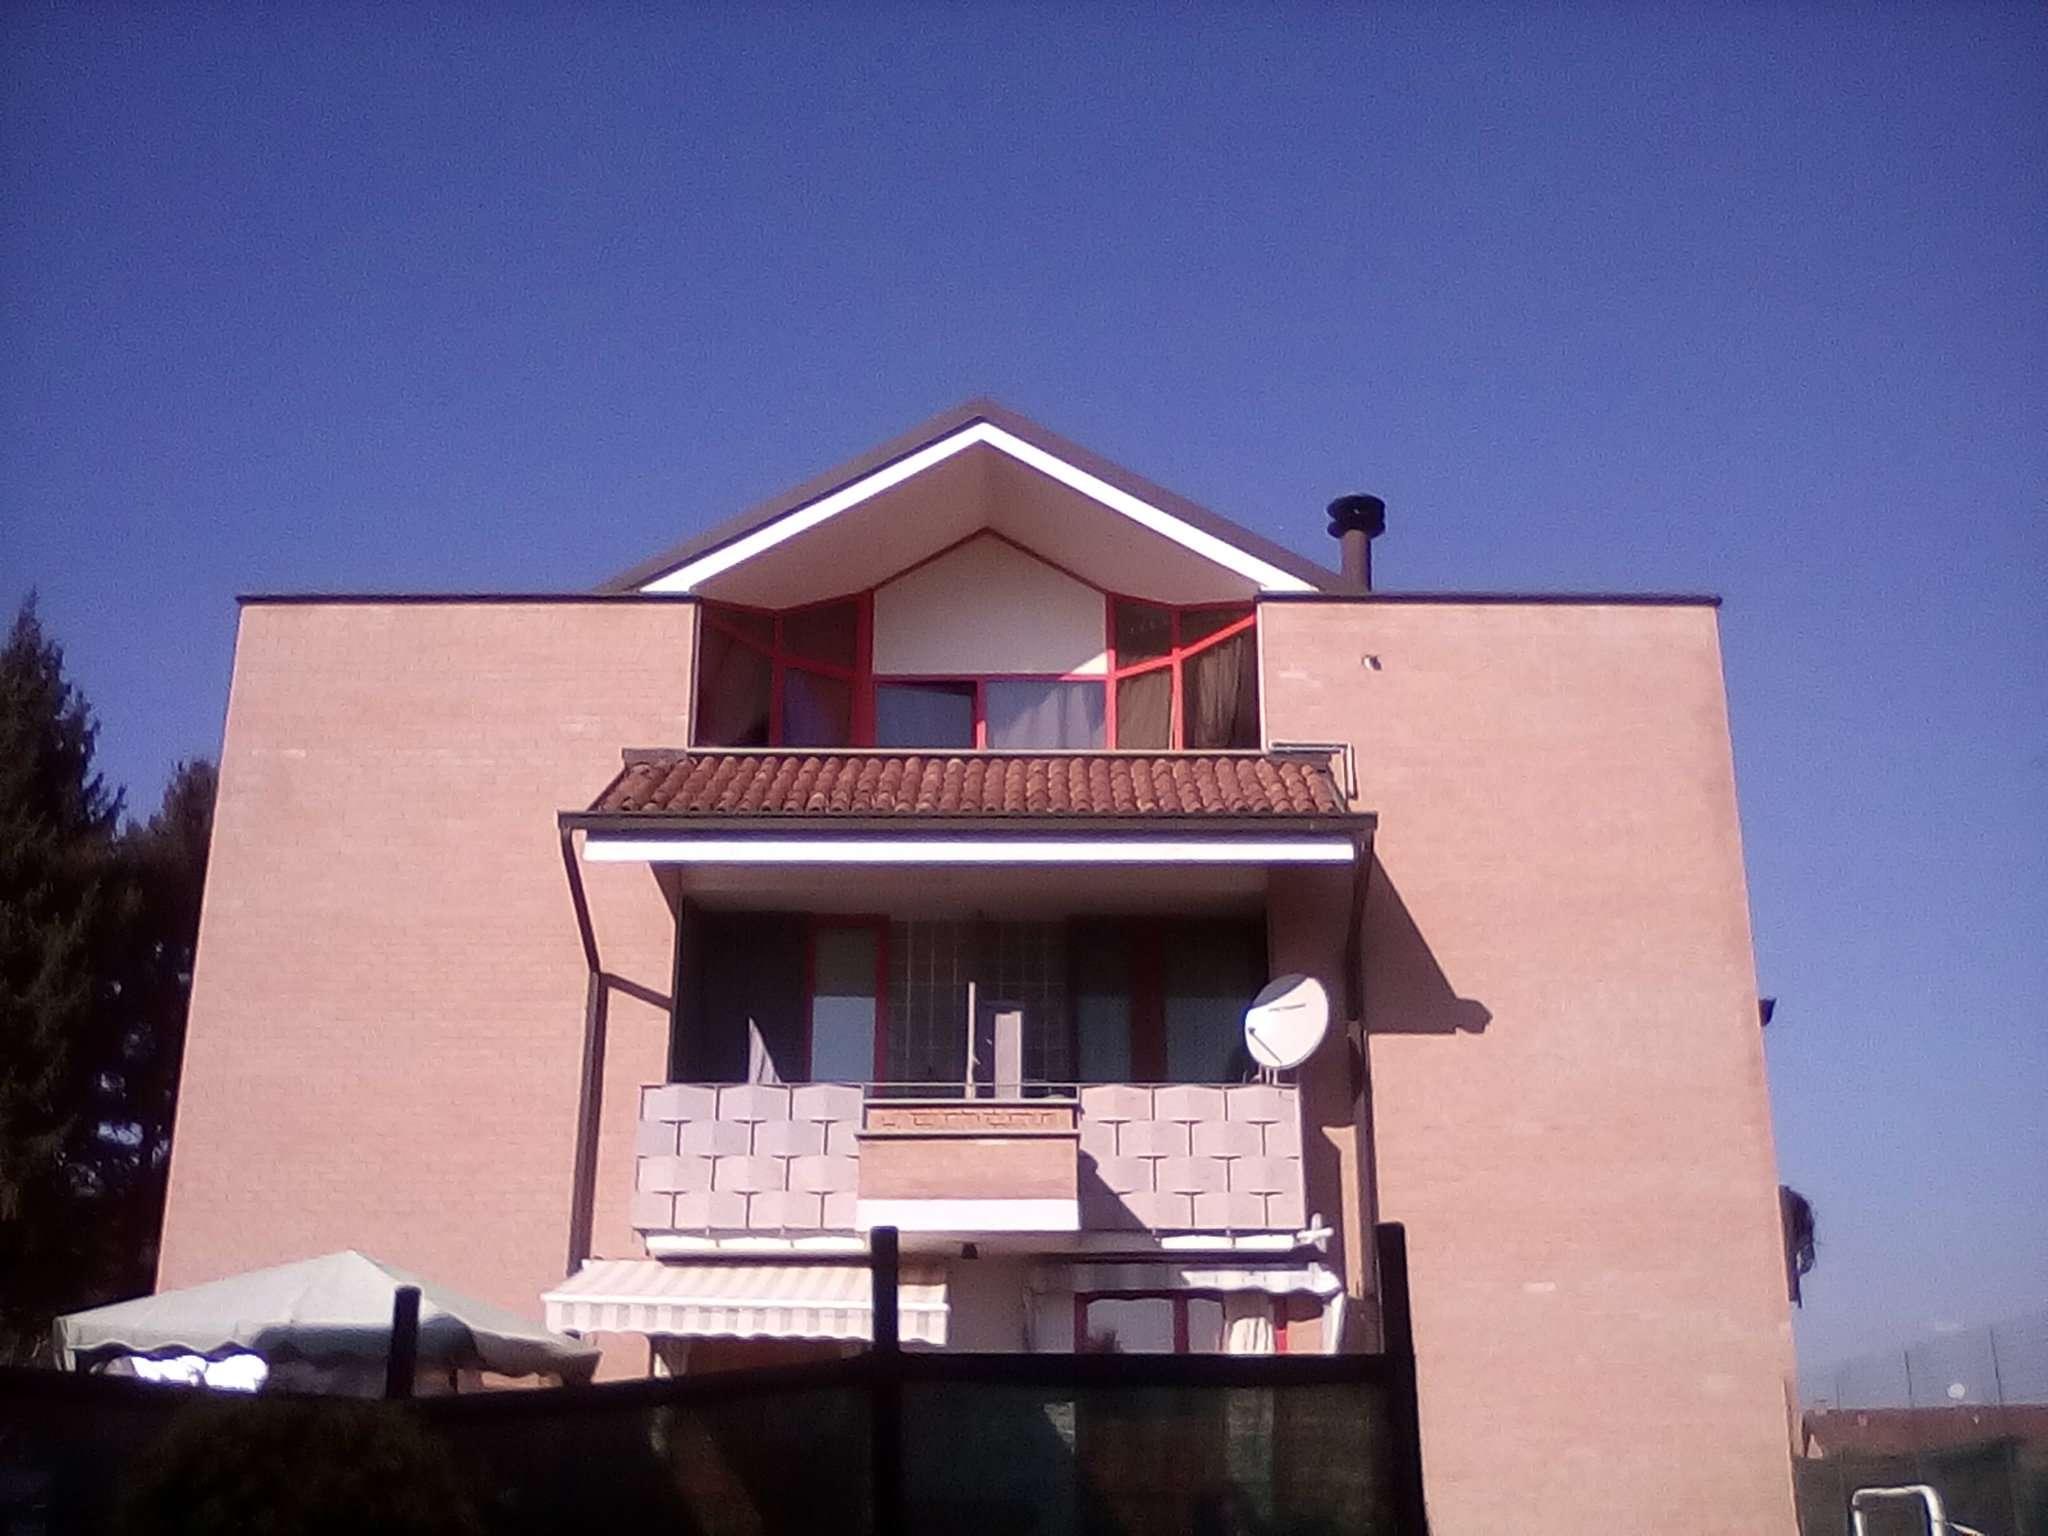 Attico / Mansarda in vendita a Castelnuovo Don Bosco, 4 locali, prezzo € 75.000 | CambioCasa.it